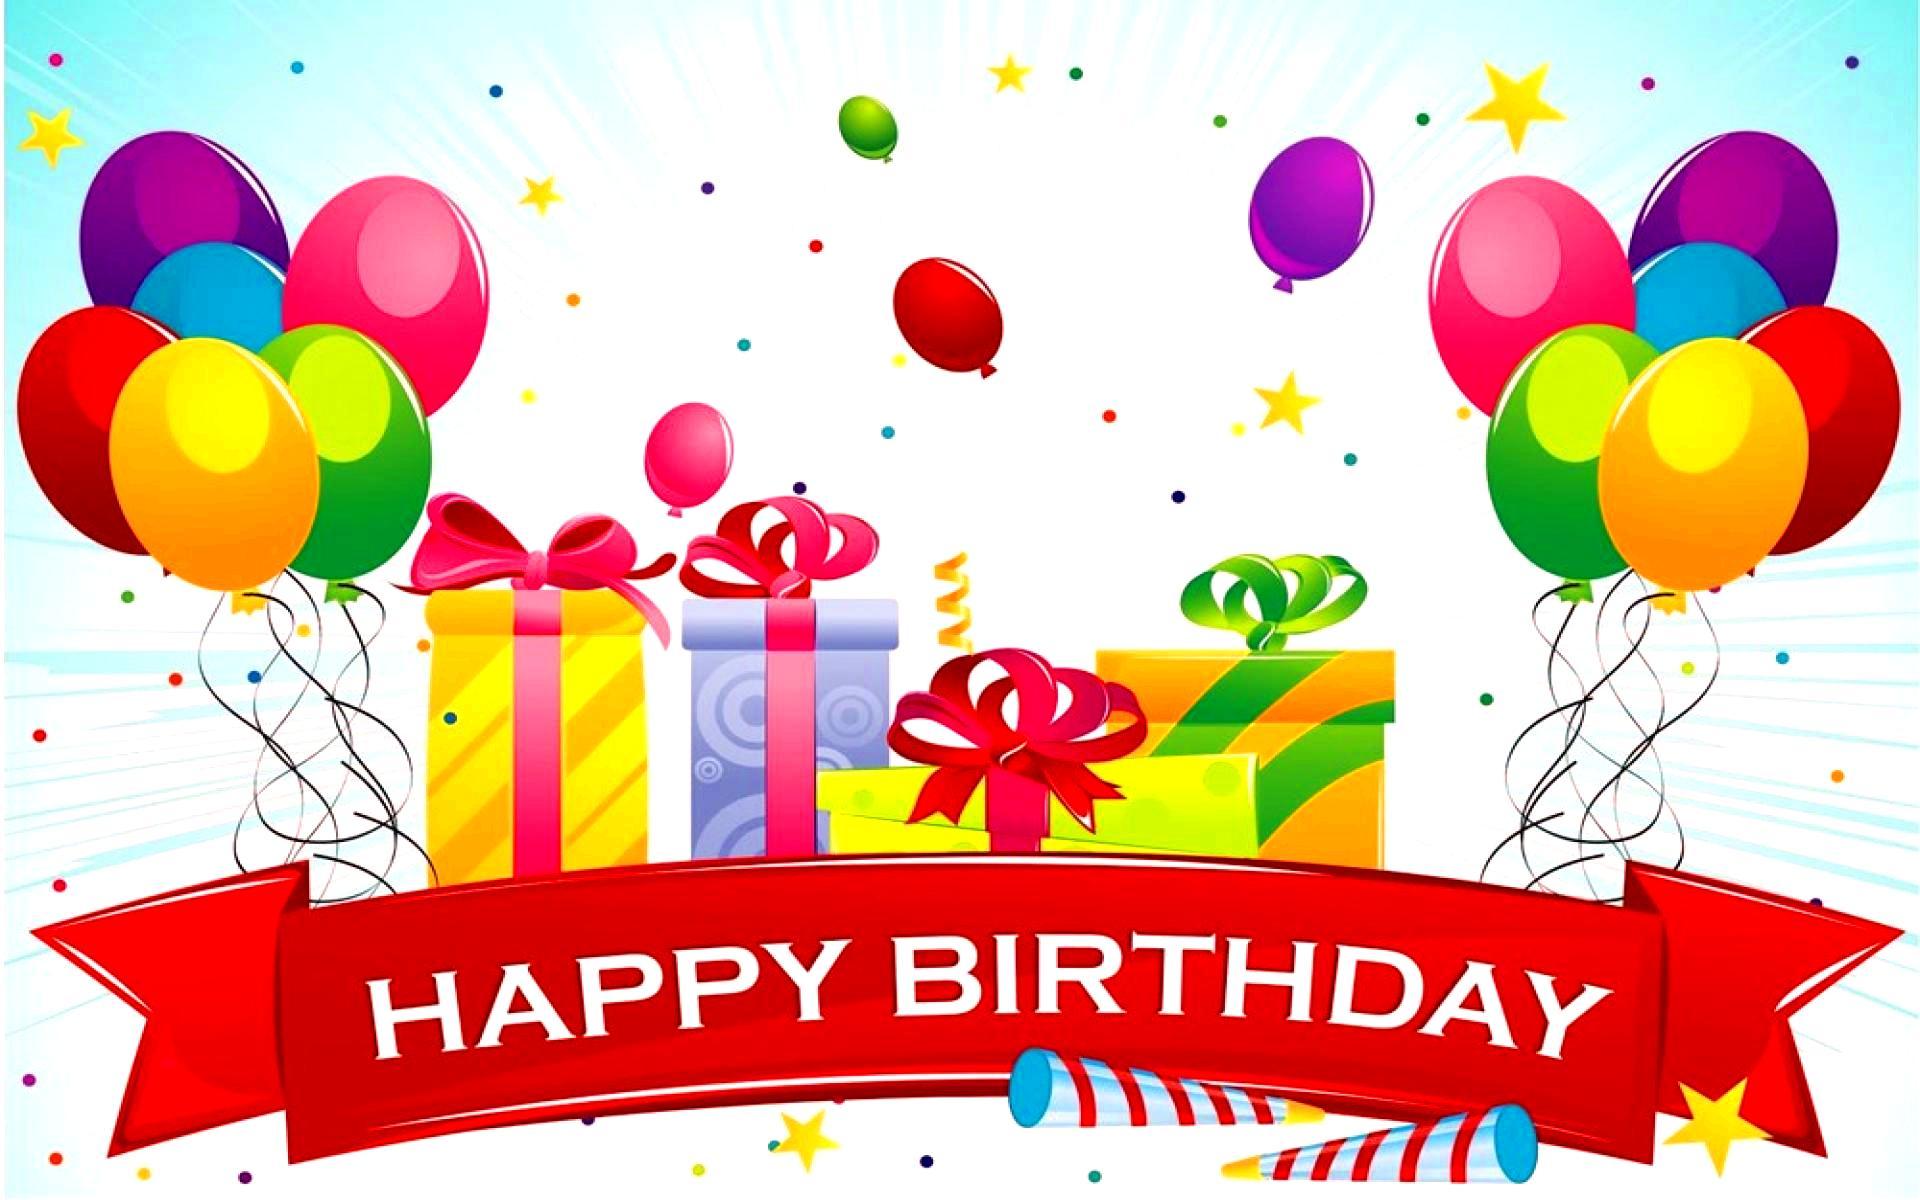 Поздравления на английском с днем рождения открытка